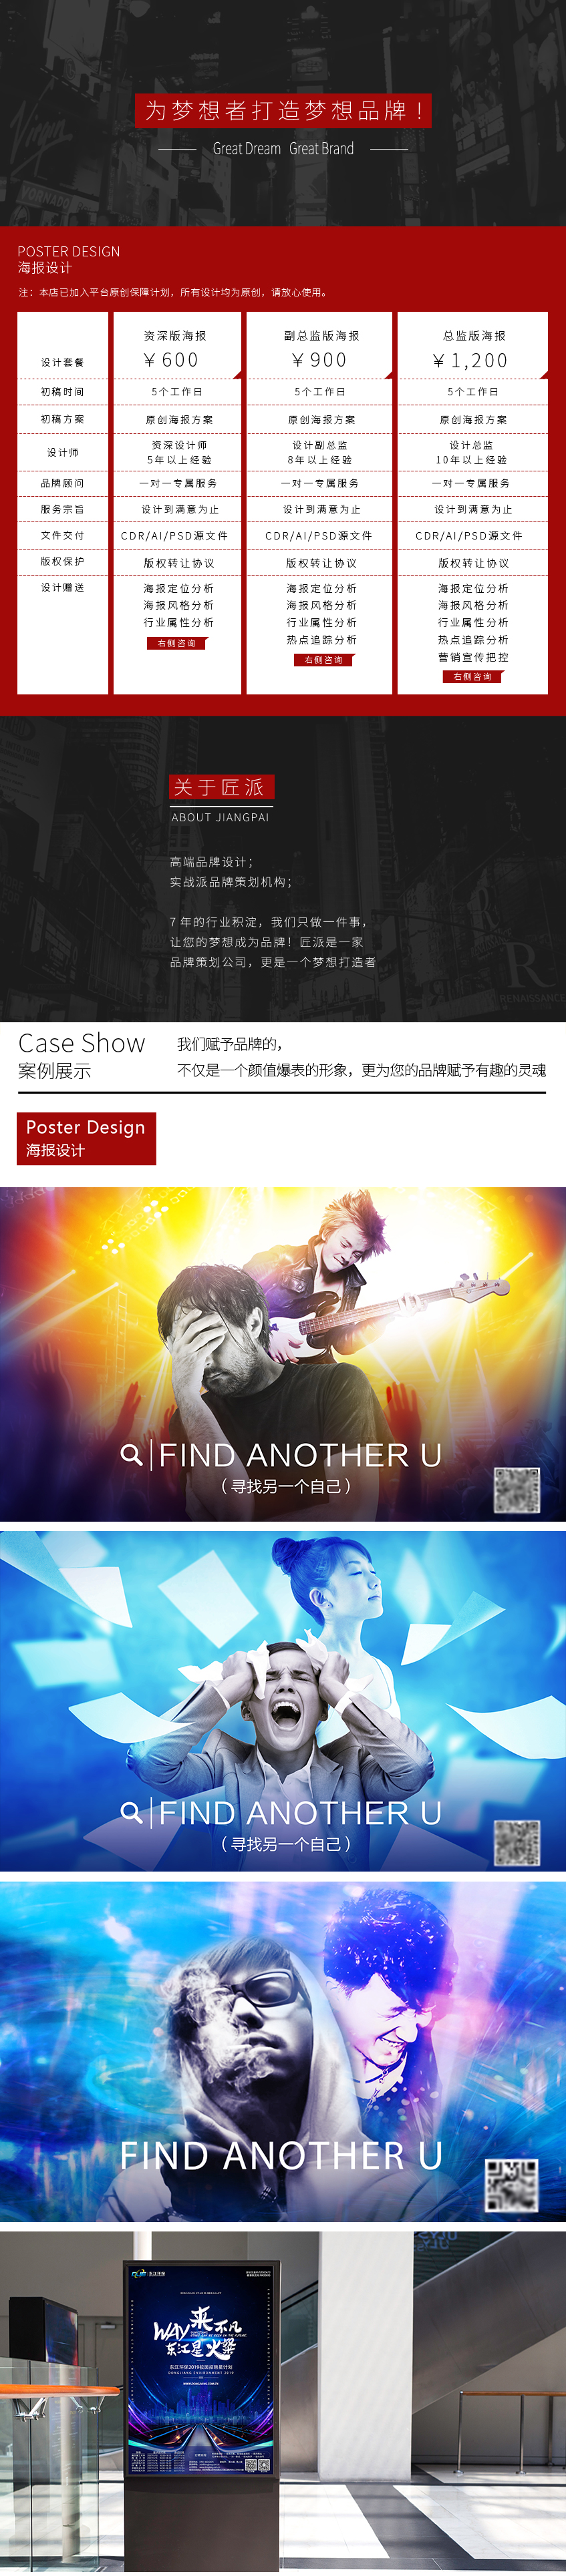 _活动海报设计宣传单彩页插画单页平面图片贺卡展架门头广告设计1